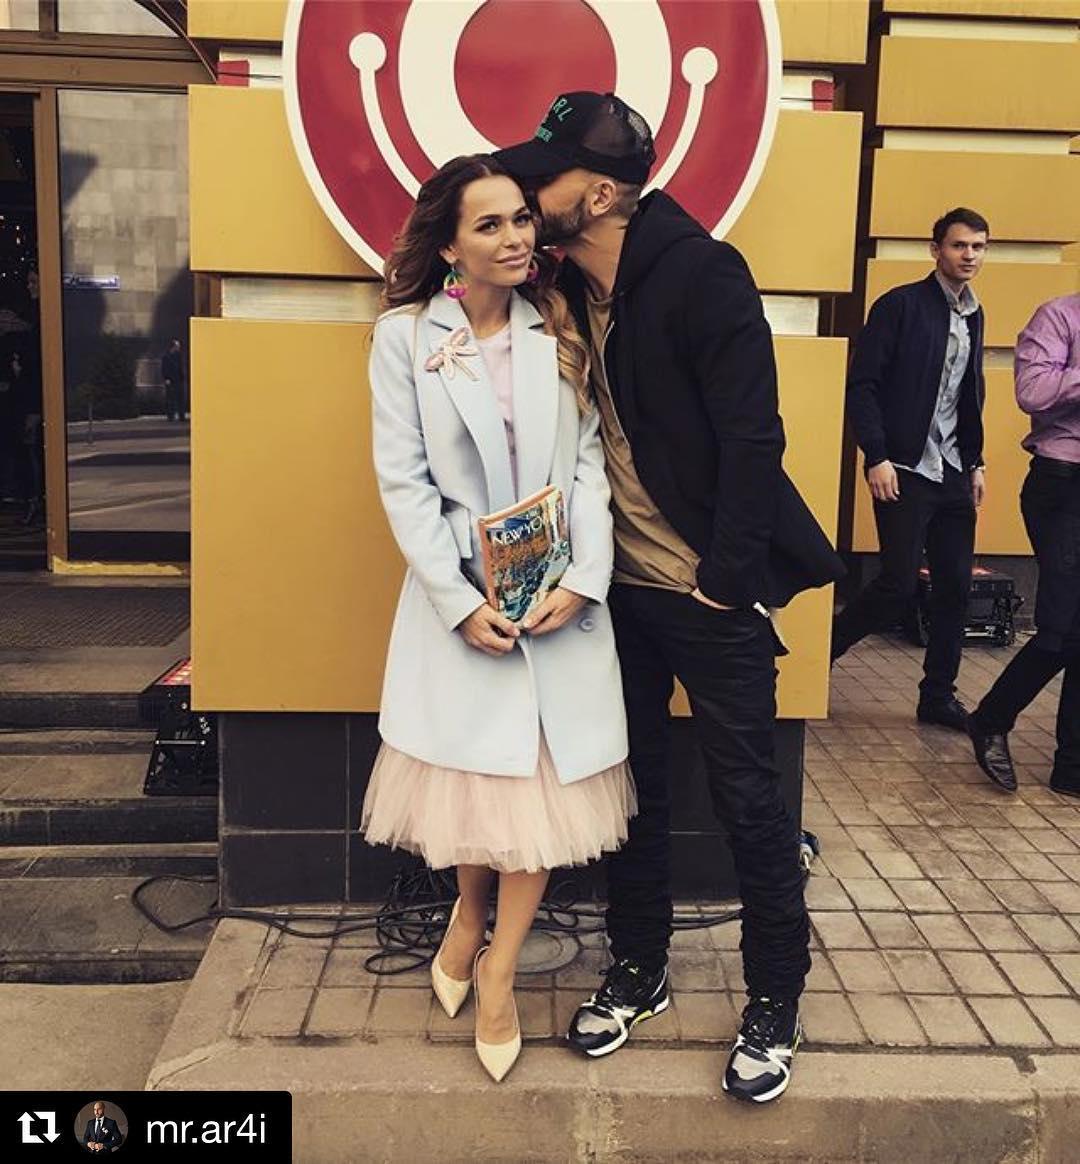 Анна Хилькевич ошеломила фанатов собственной «беременностью»